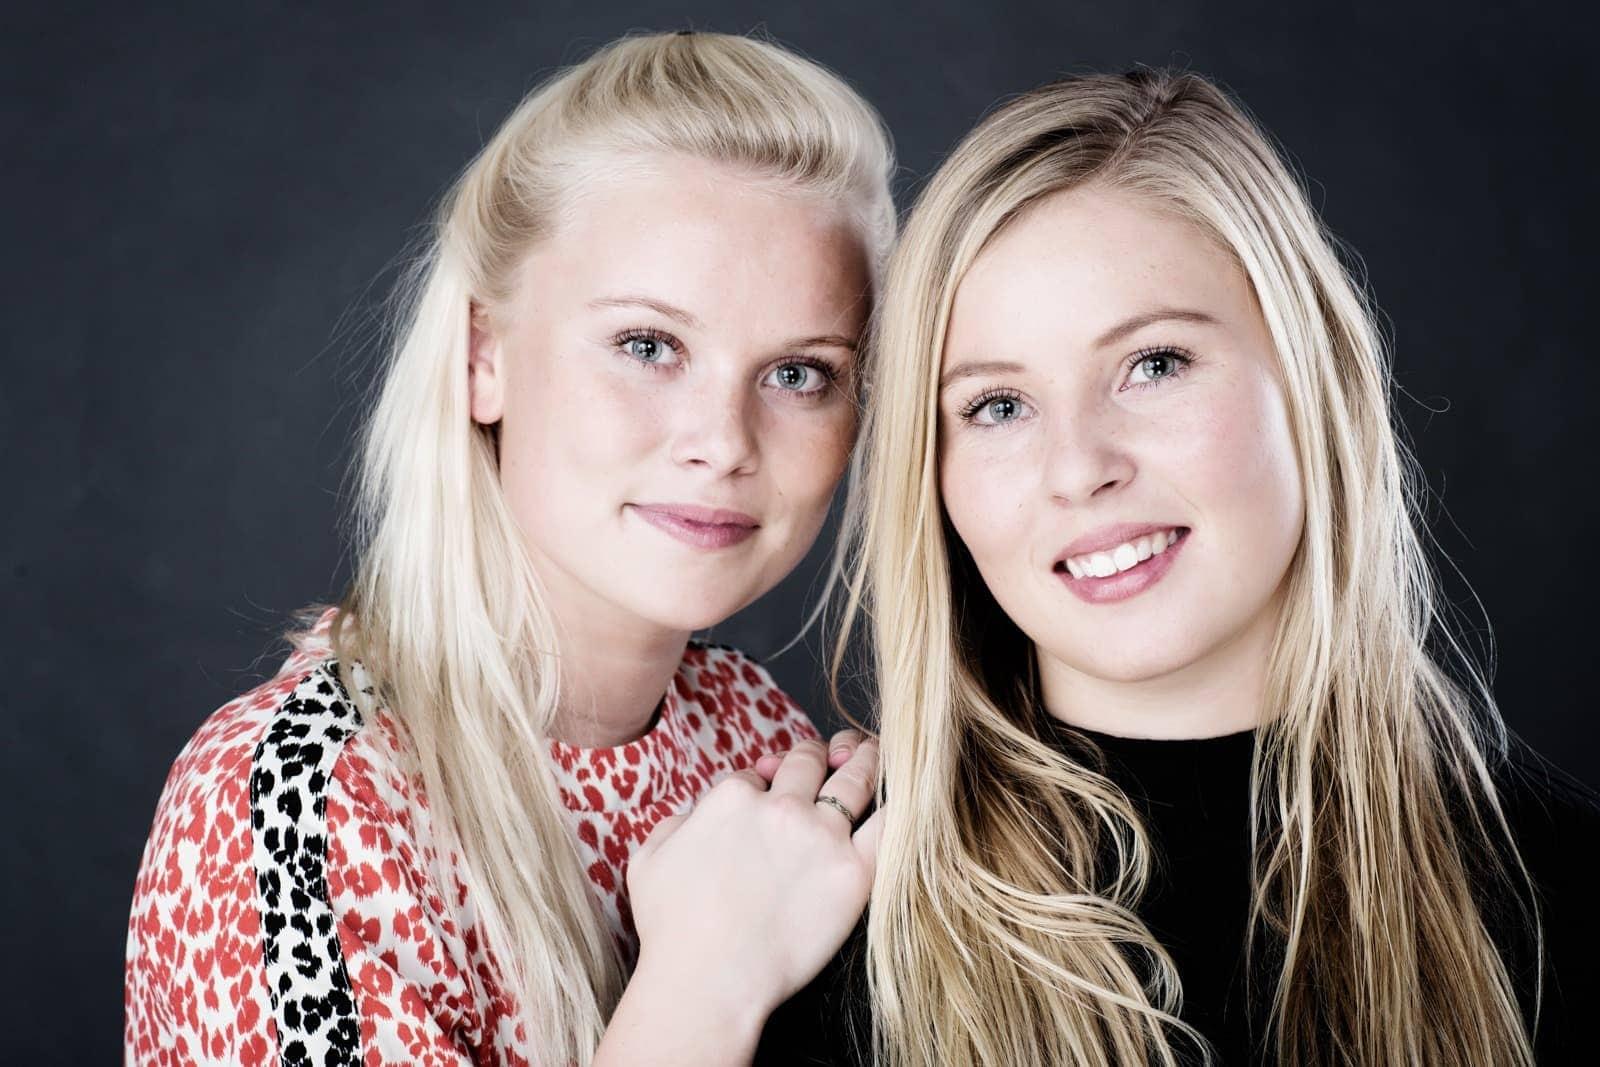 Søstre, søskende billede